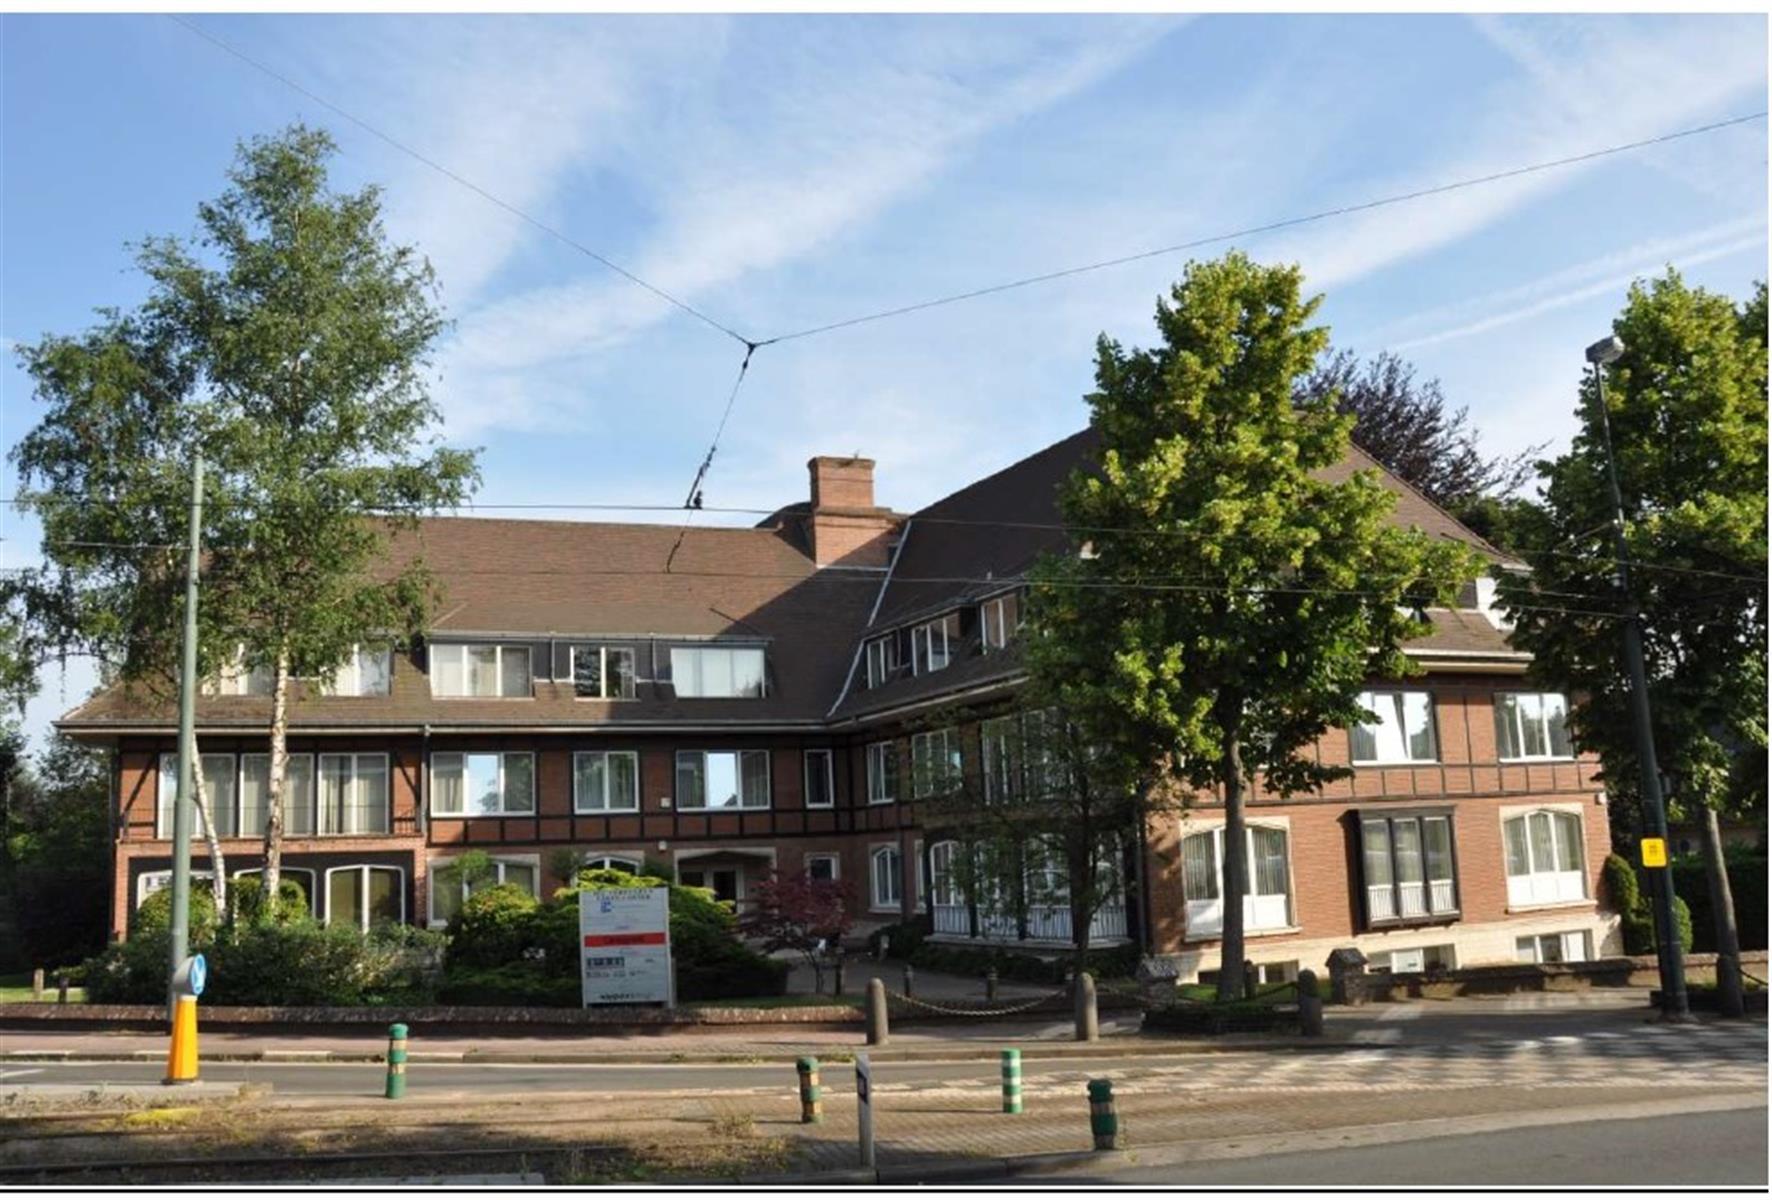 TERVUREN 412 GREEN CORNER - Sint-Pieters-Woluwe - #2974815-1